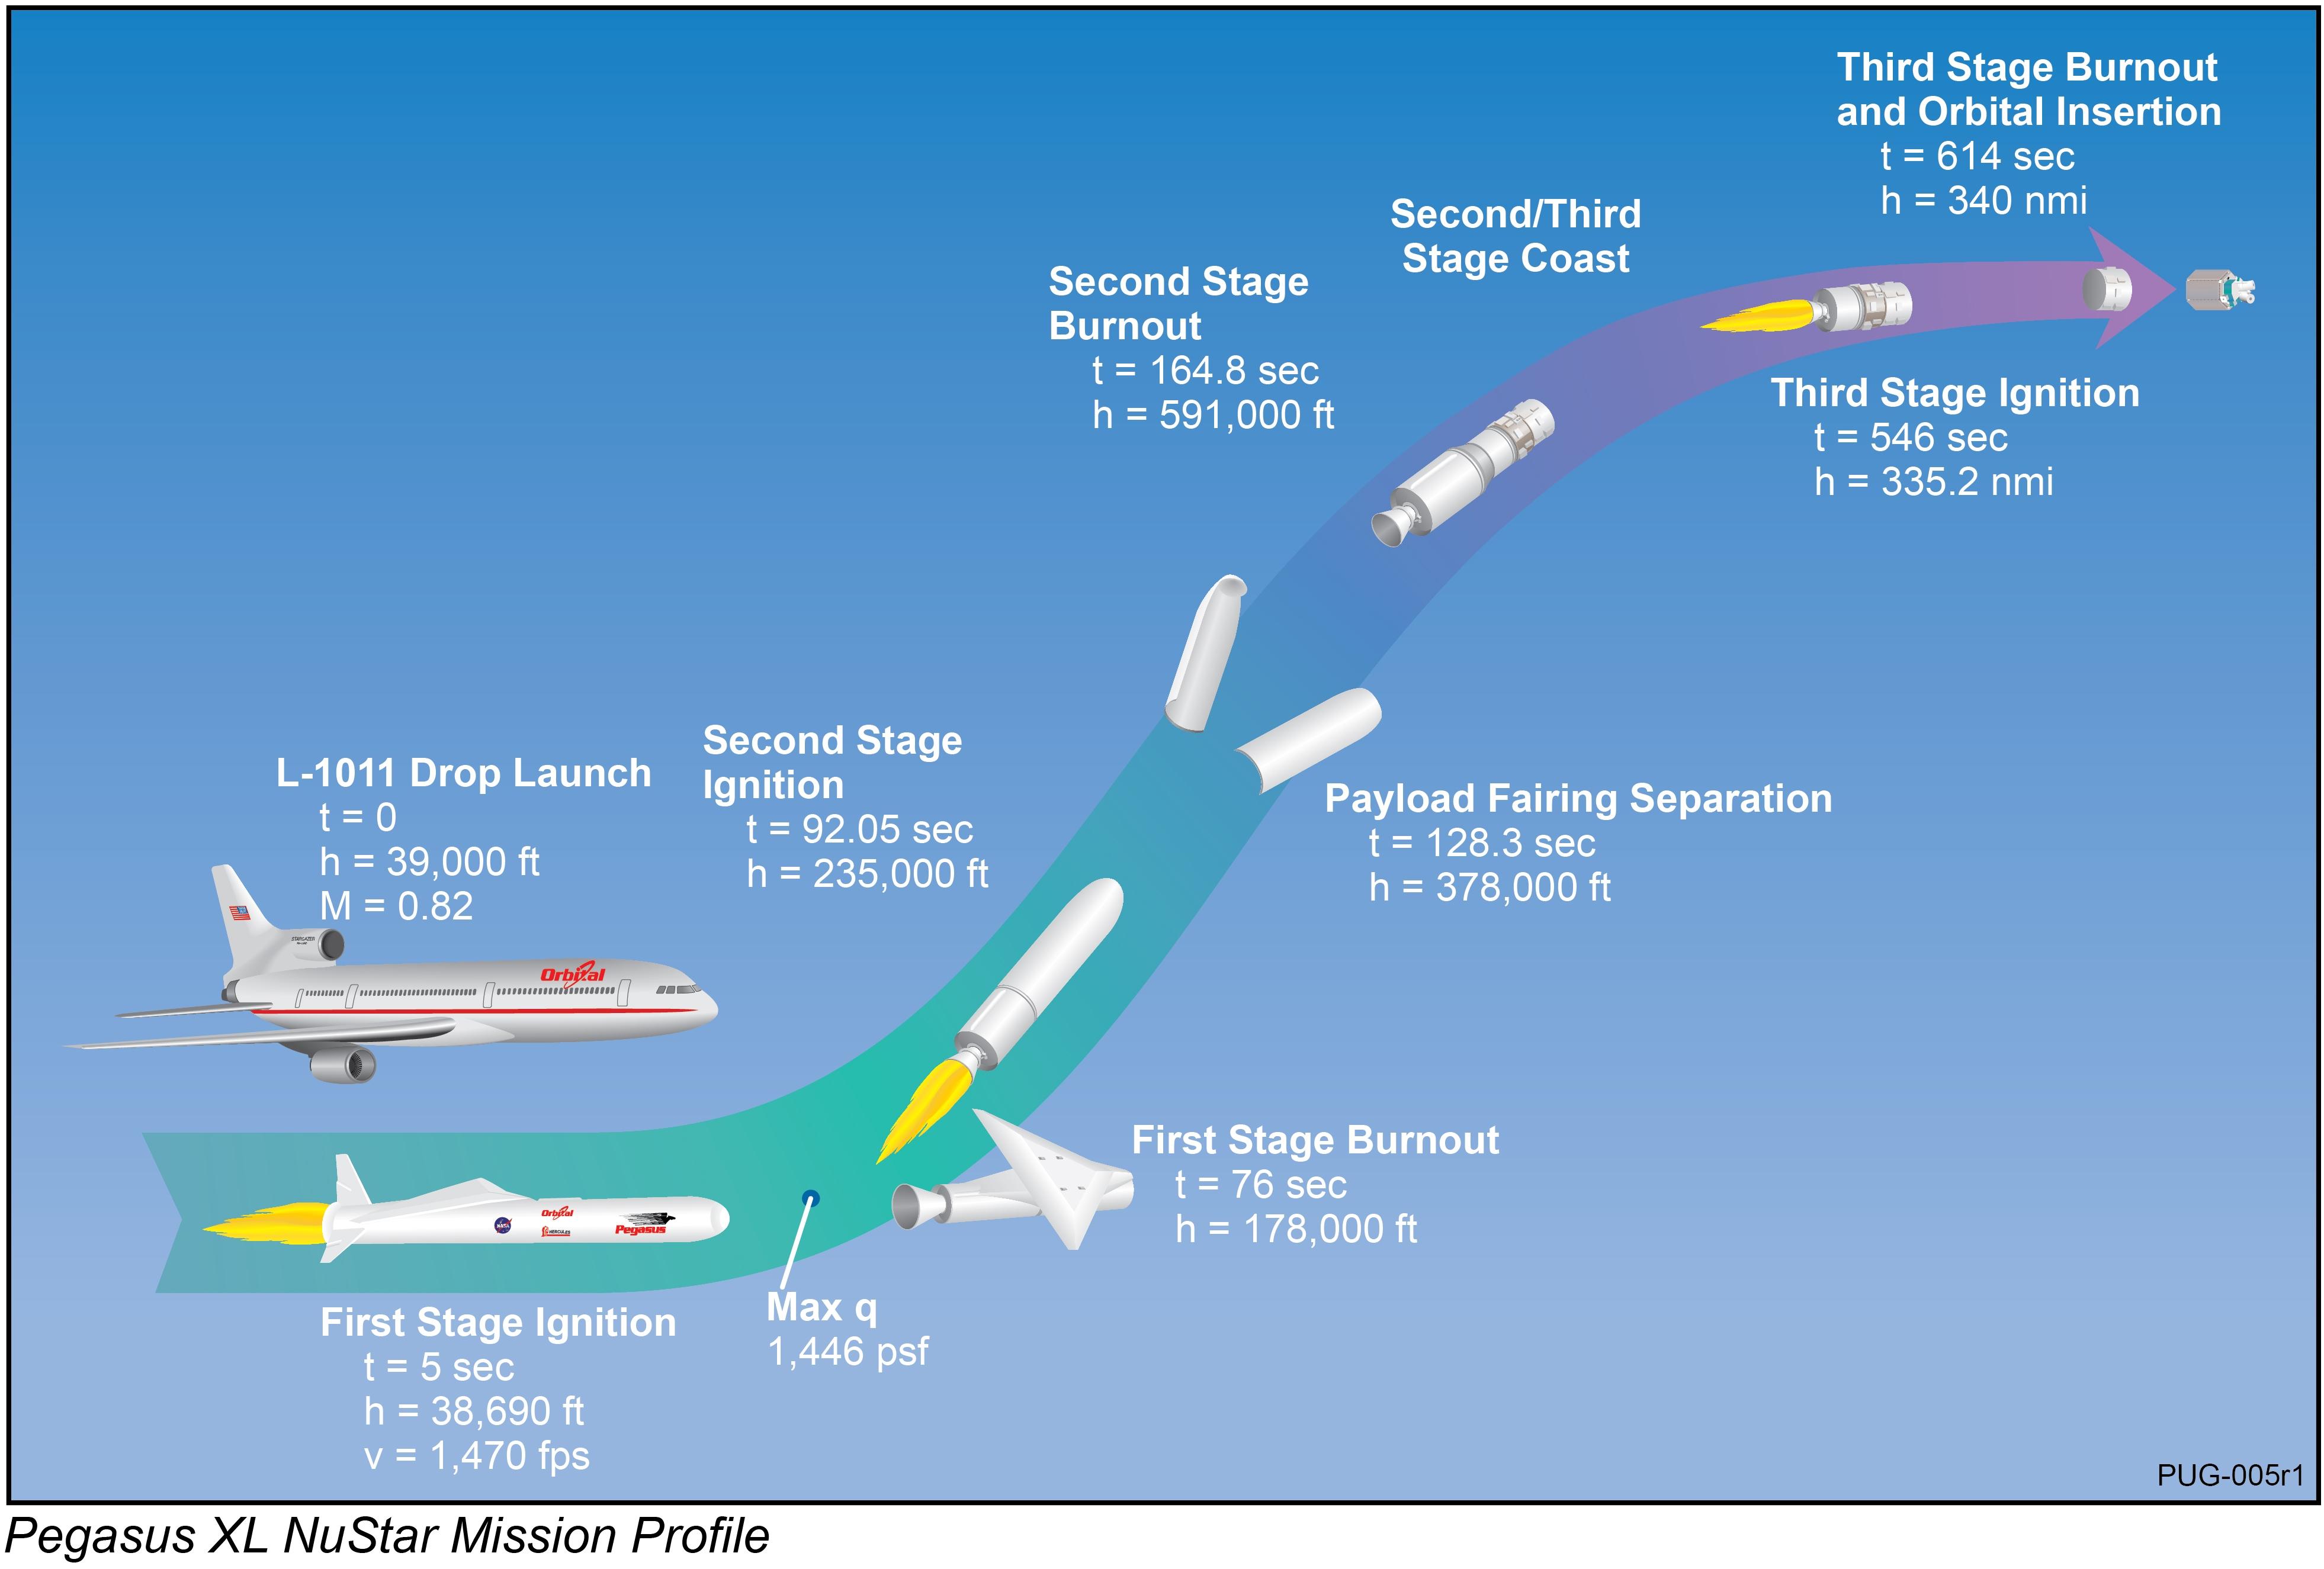 Pegasus XL NuSTAR Mission Profile